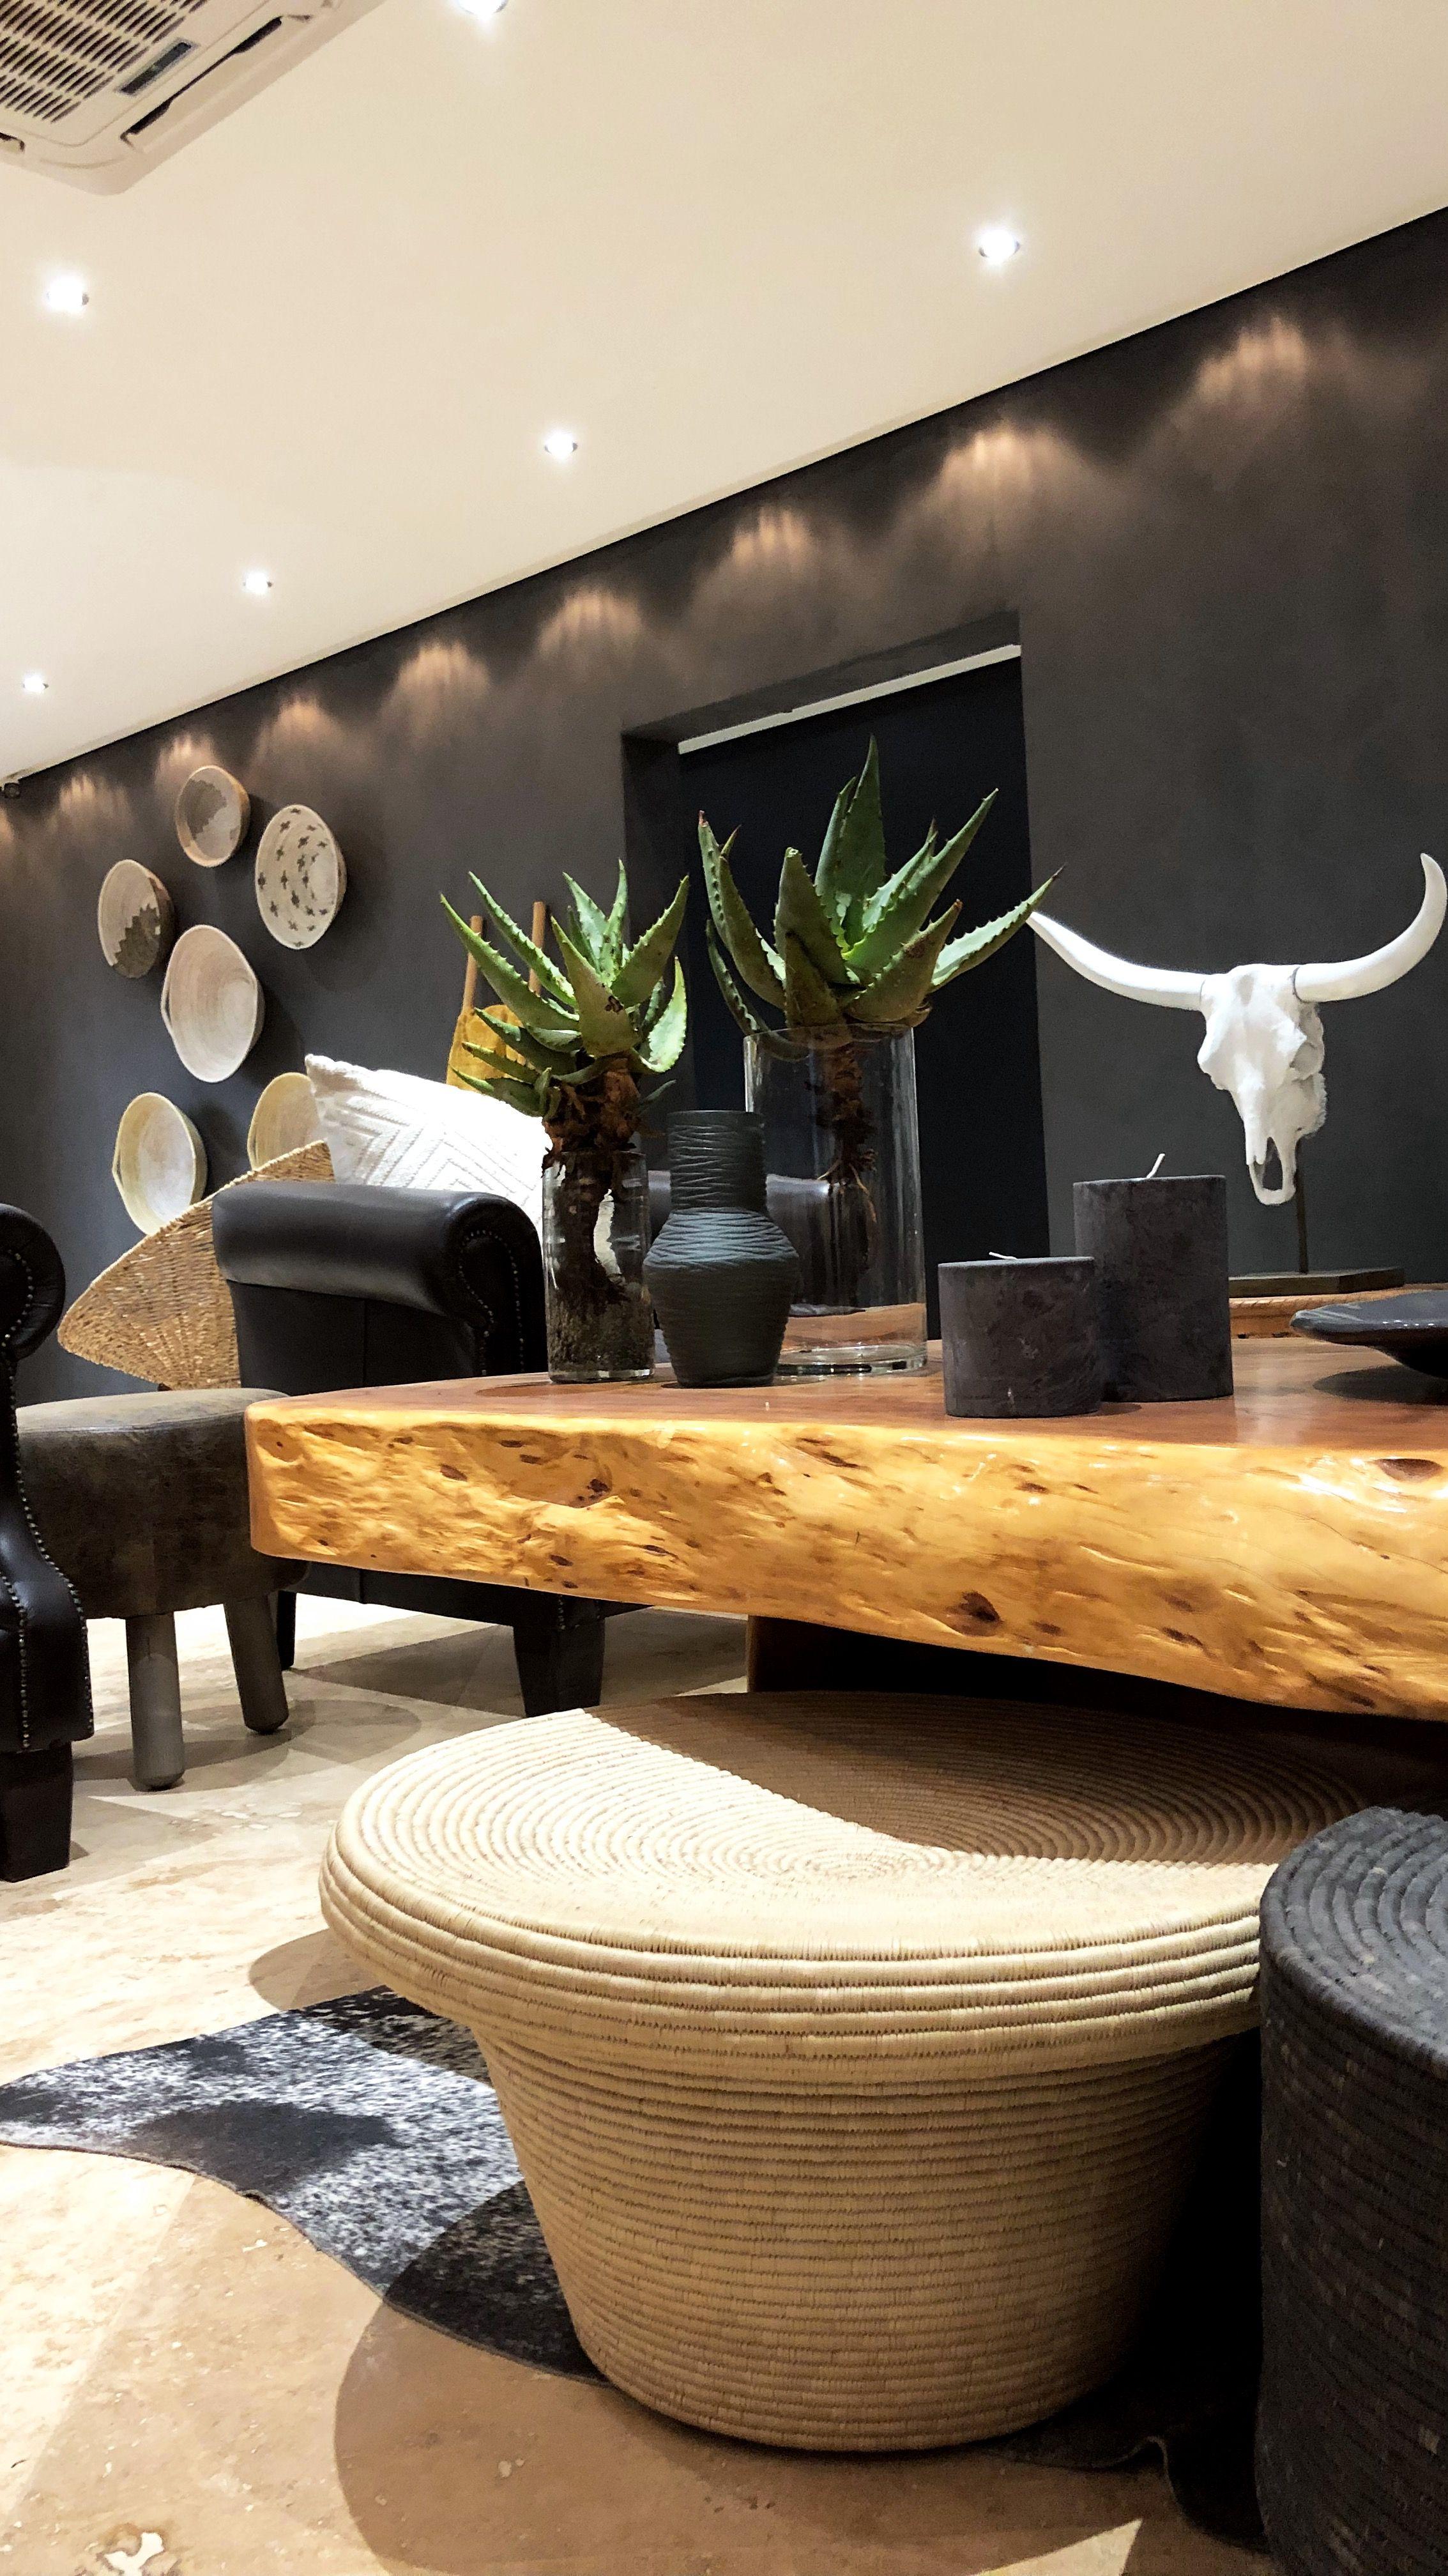 AuBergewohnlich Raum, Wandgestaltung, Dekorieren, Wohnzimmer, Wohnen, Afrikanische  Wohndekoration, Ranch Dekor,